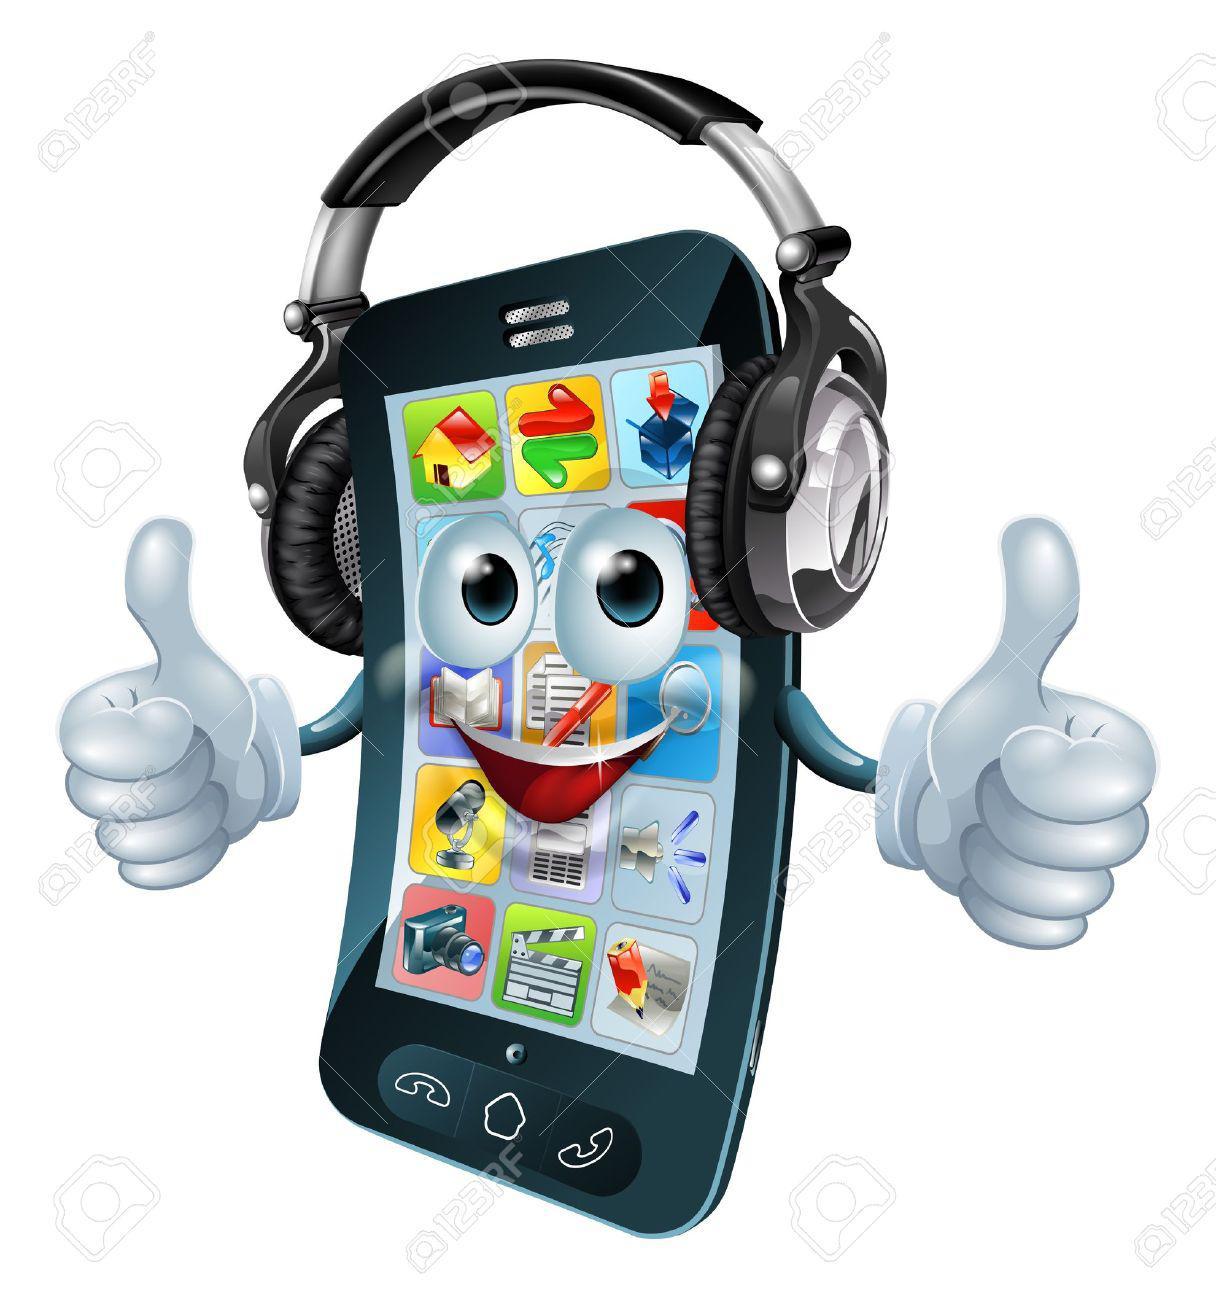 Assistance Geek Mobile téléphonie et péritéléphonie (vente, location, entretien)